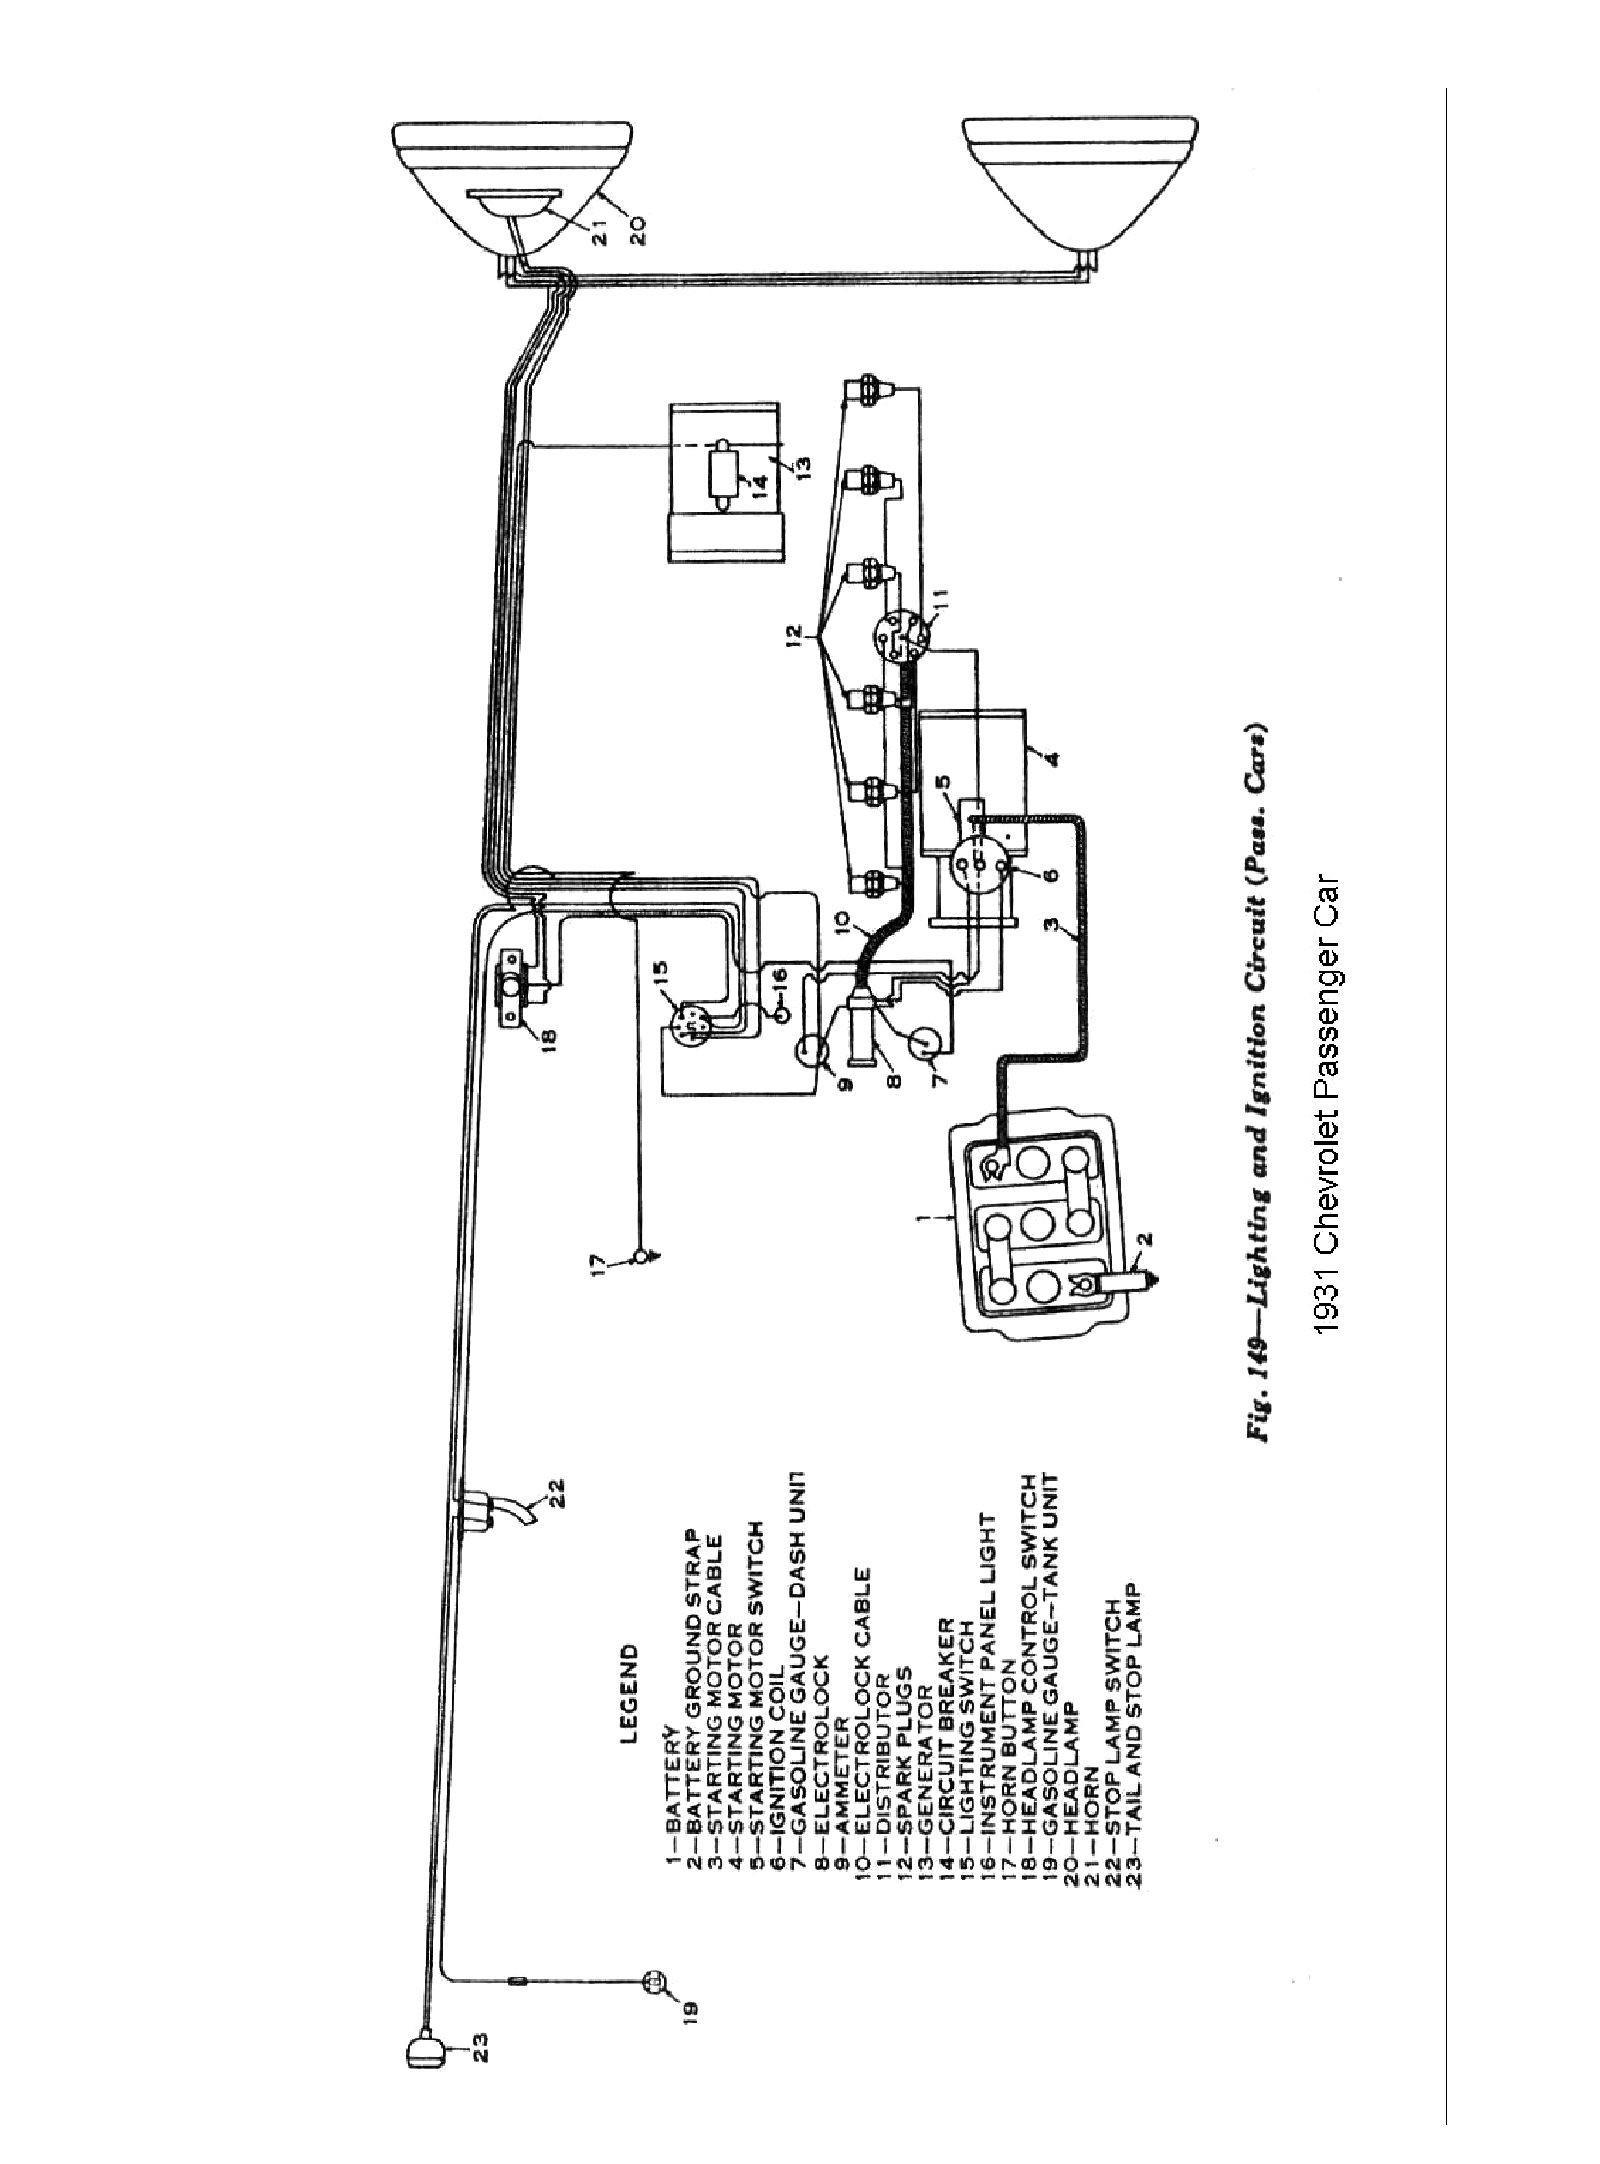 3 5l 1997 engine diagram